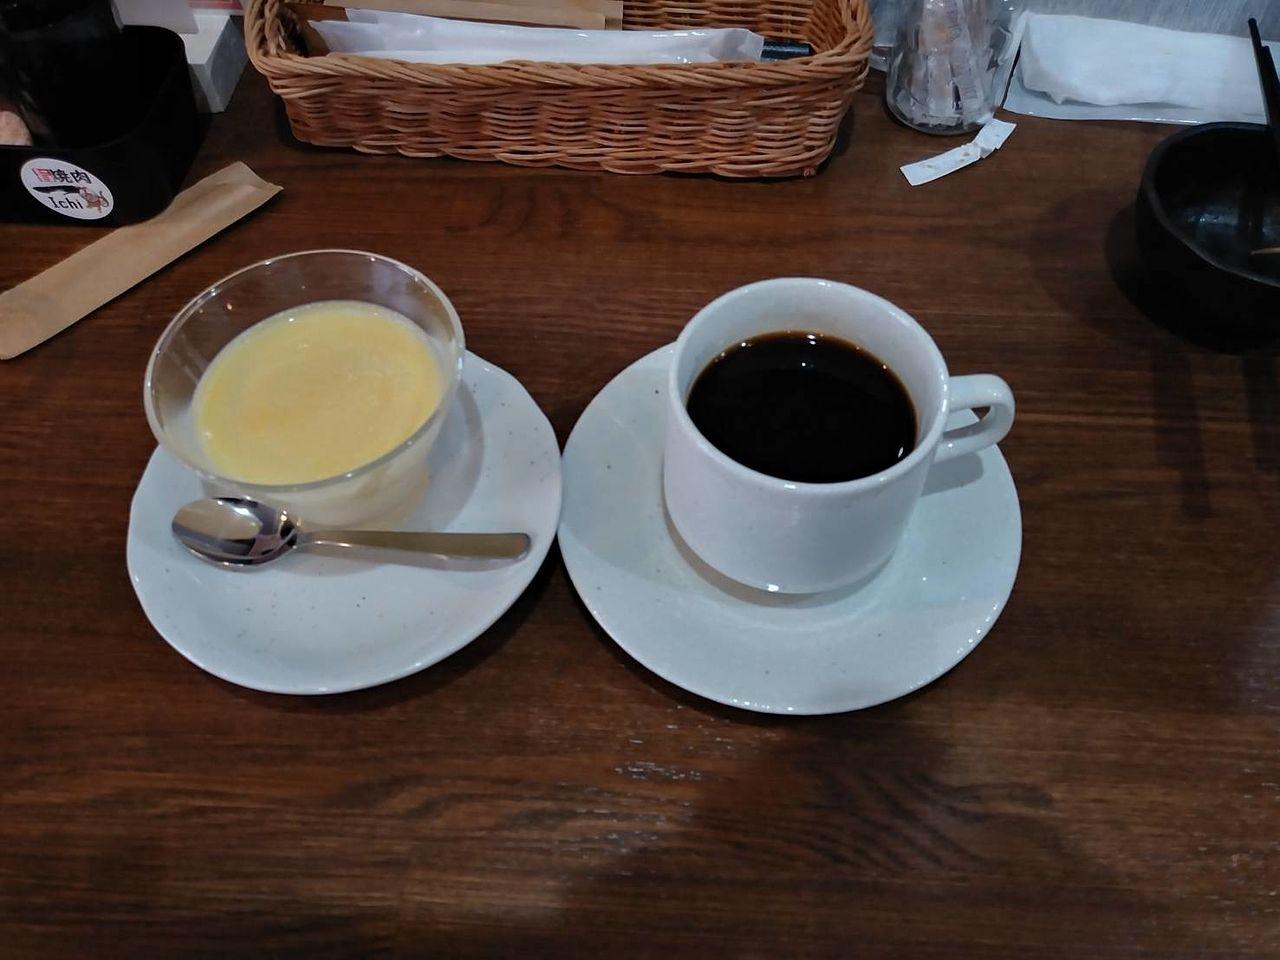 飲み物はコーヒーかウーロン茶を選ばせてくれます。ウーロン茶でさっぱりしても良かったかな?